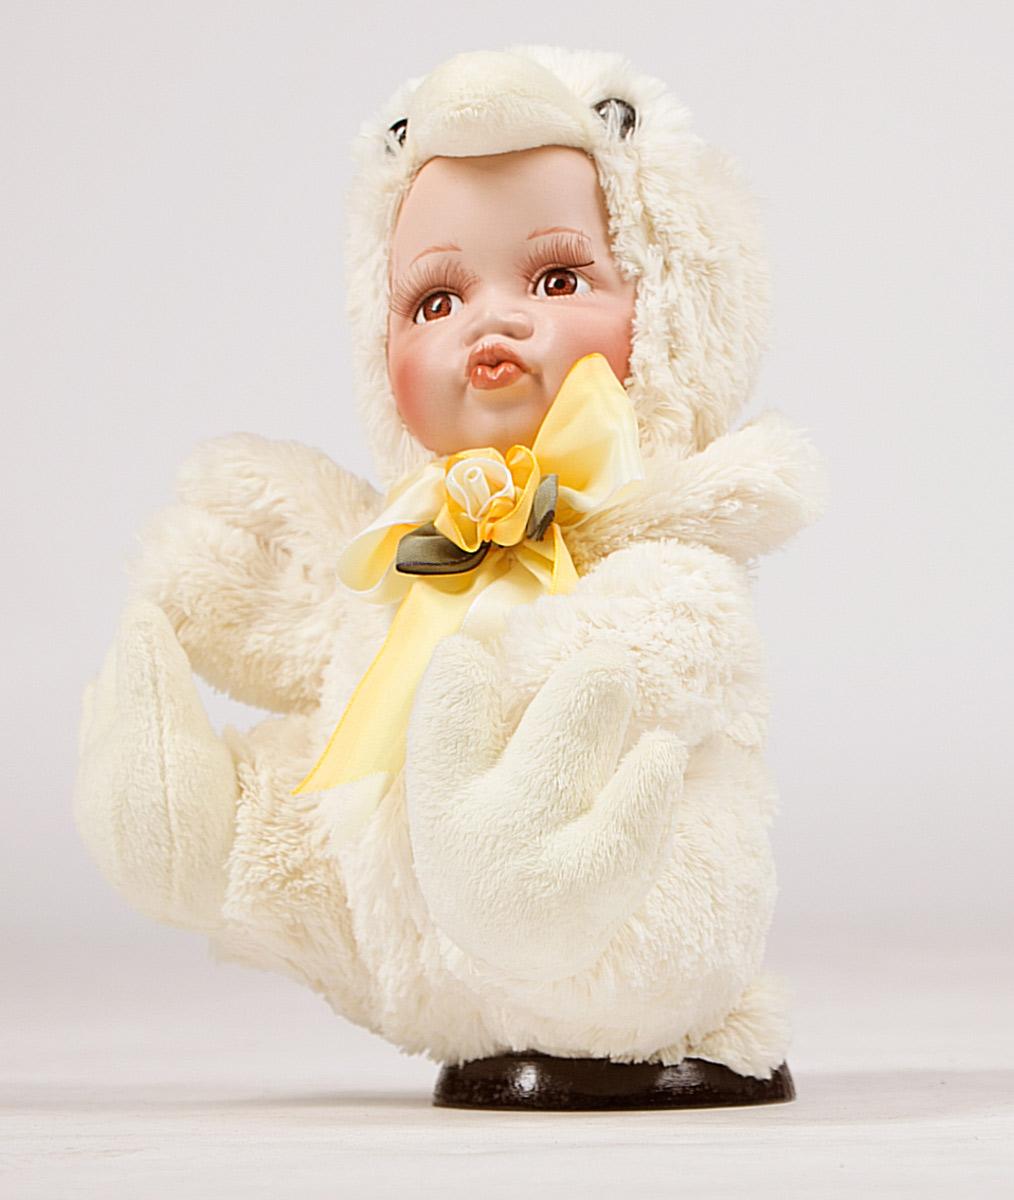 Кукла Estro, высота 30 см. C21-128215C21-128215Кукла создана вручную, неповторима и оригинальна.Порадуйте своих друзей и близких этим замечательным подарком!